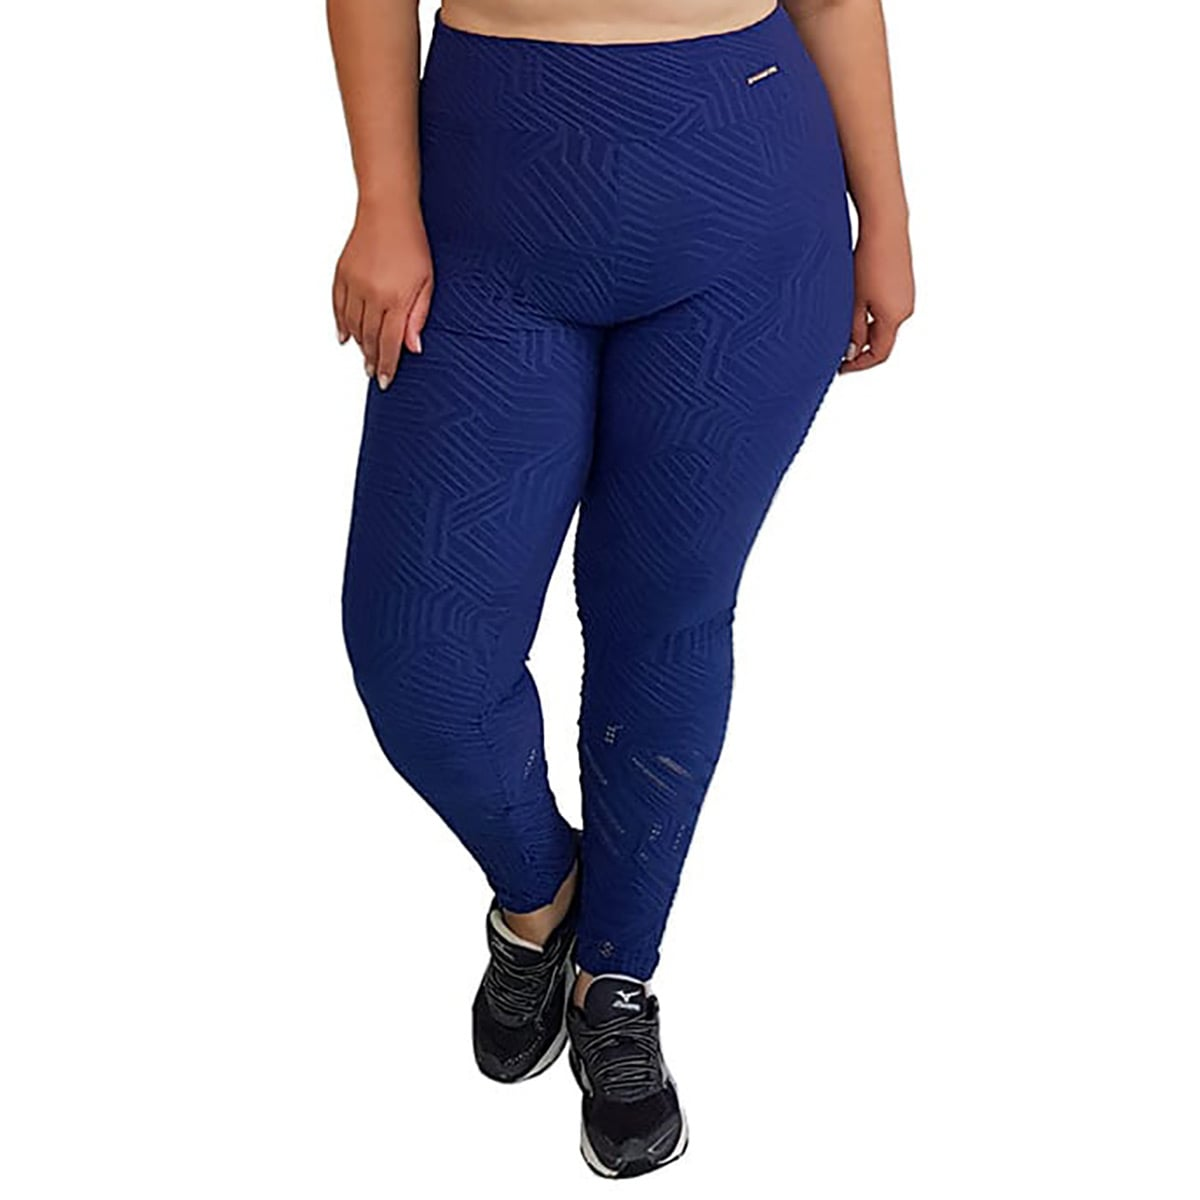 Calça Legging Plus Size com Cós Largo e Detalhe Vazado na Perna Jacquard Azul Marinho